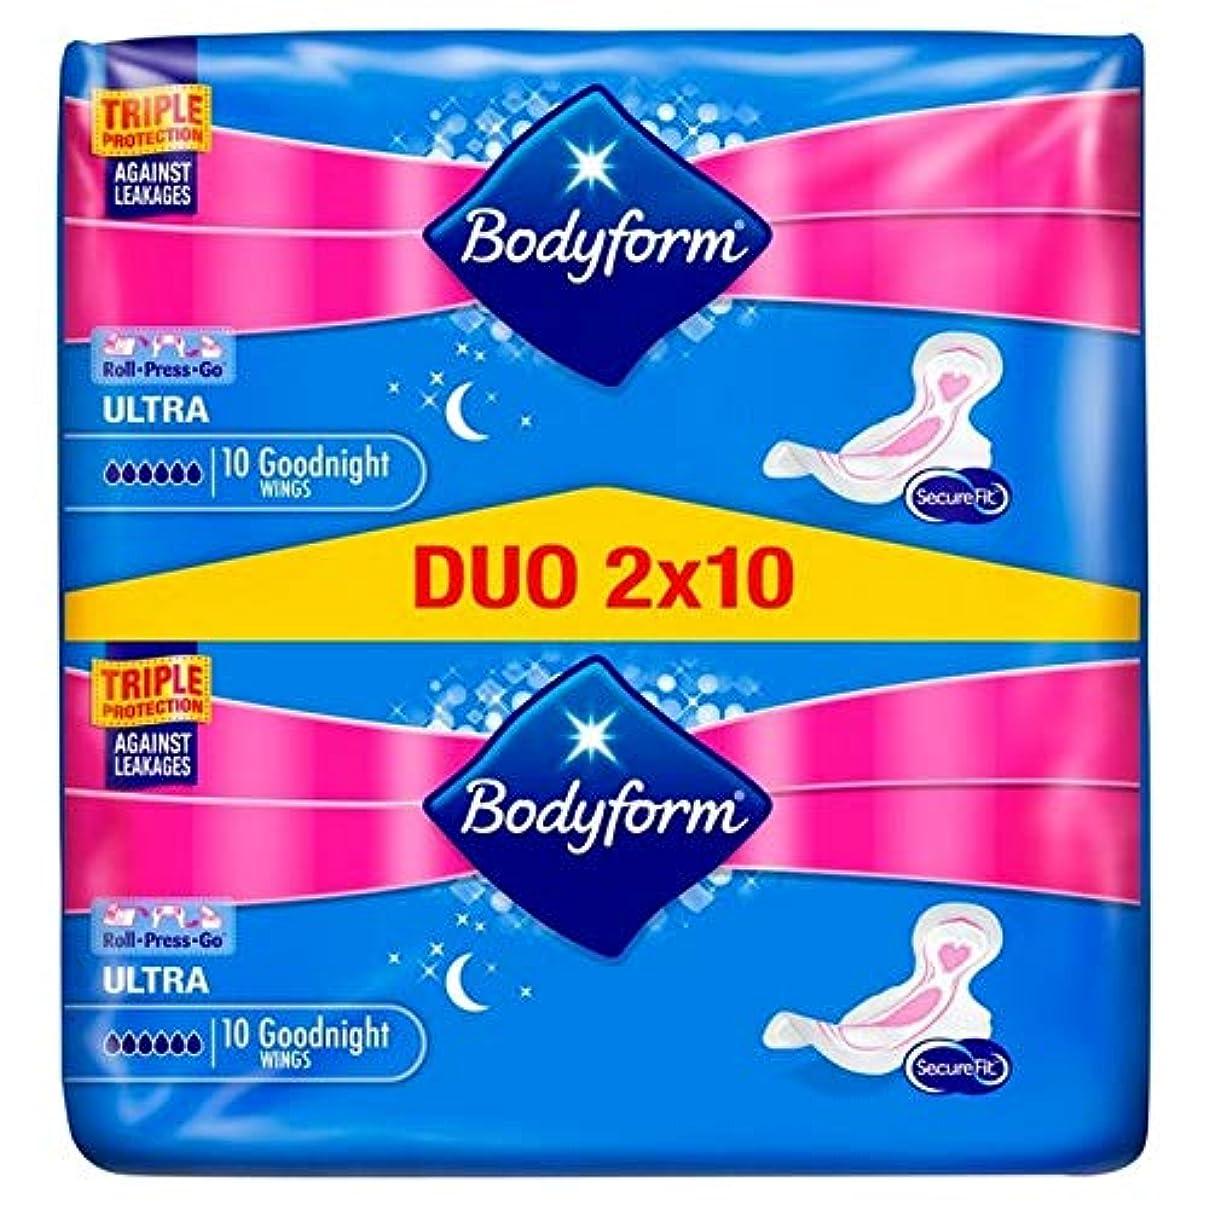 造船ベアリングサークルロデオ[Bodyform] パックあたりBodyform超夜の翼デュオパック20 - Bodyform Ultra Night Wing Duo Pack 20 per pack [並行輸入品]